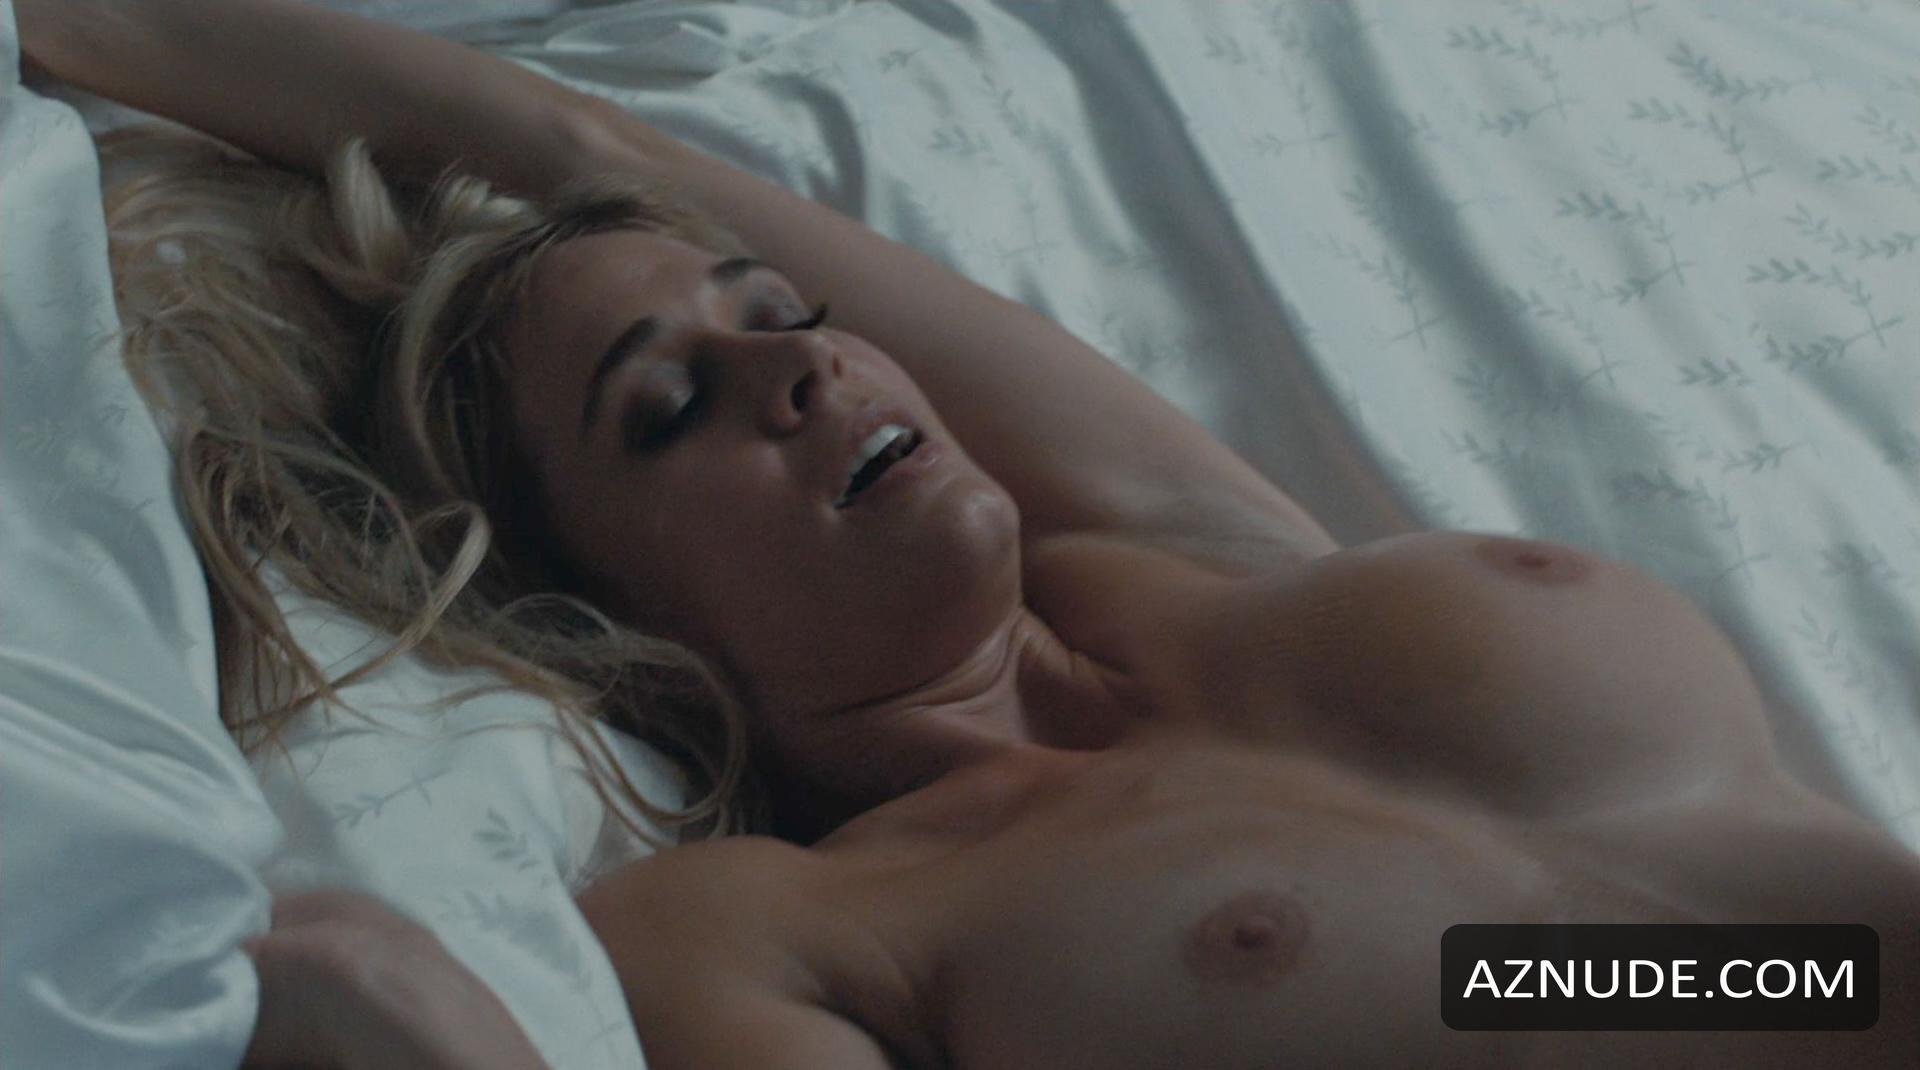 Lauren compton nude sex scene from superhigh - 2019 year